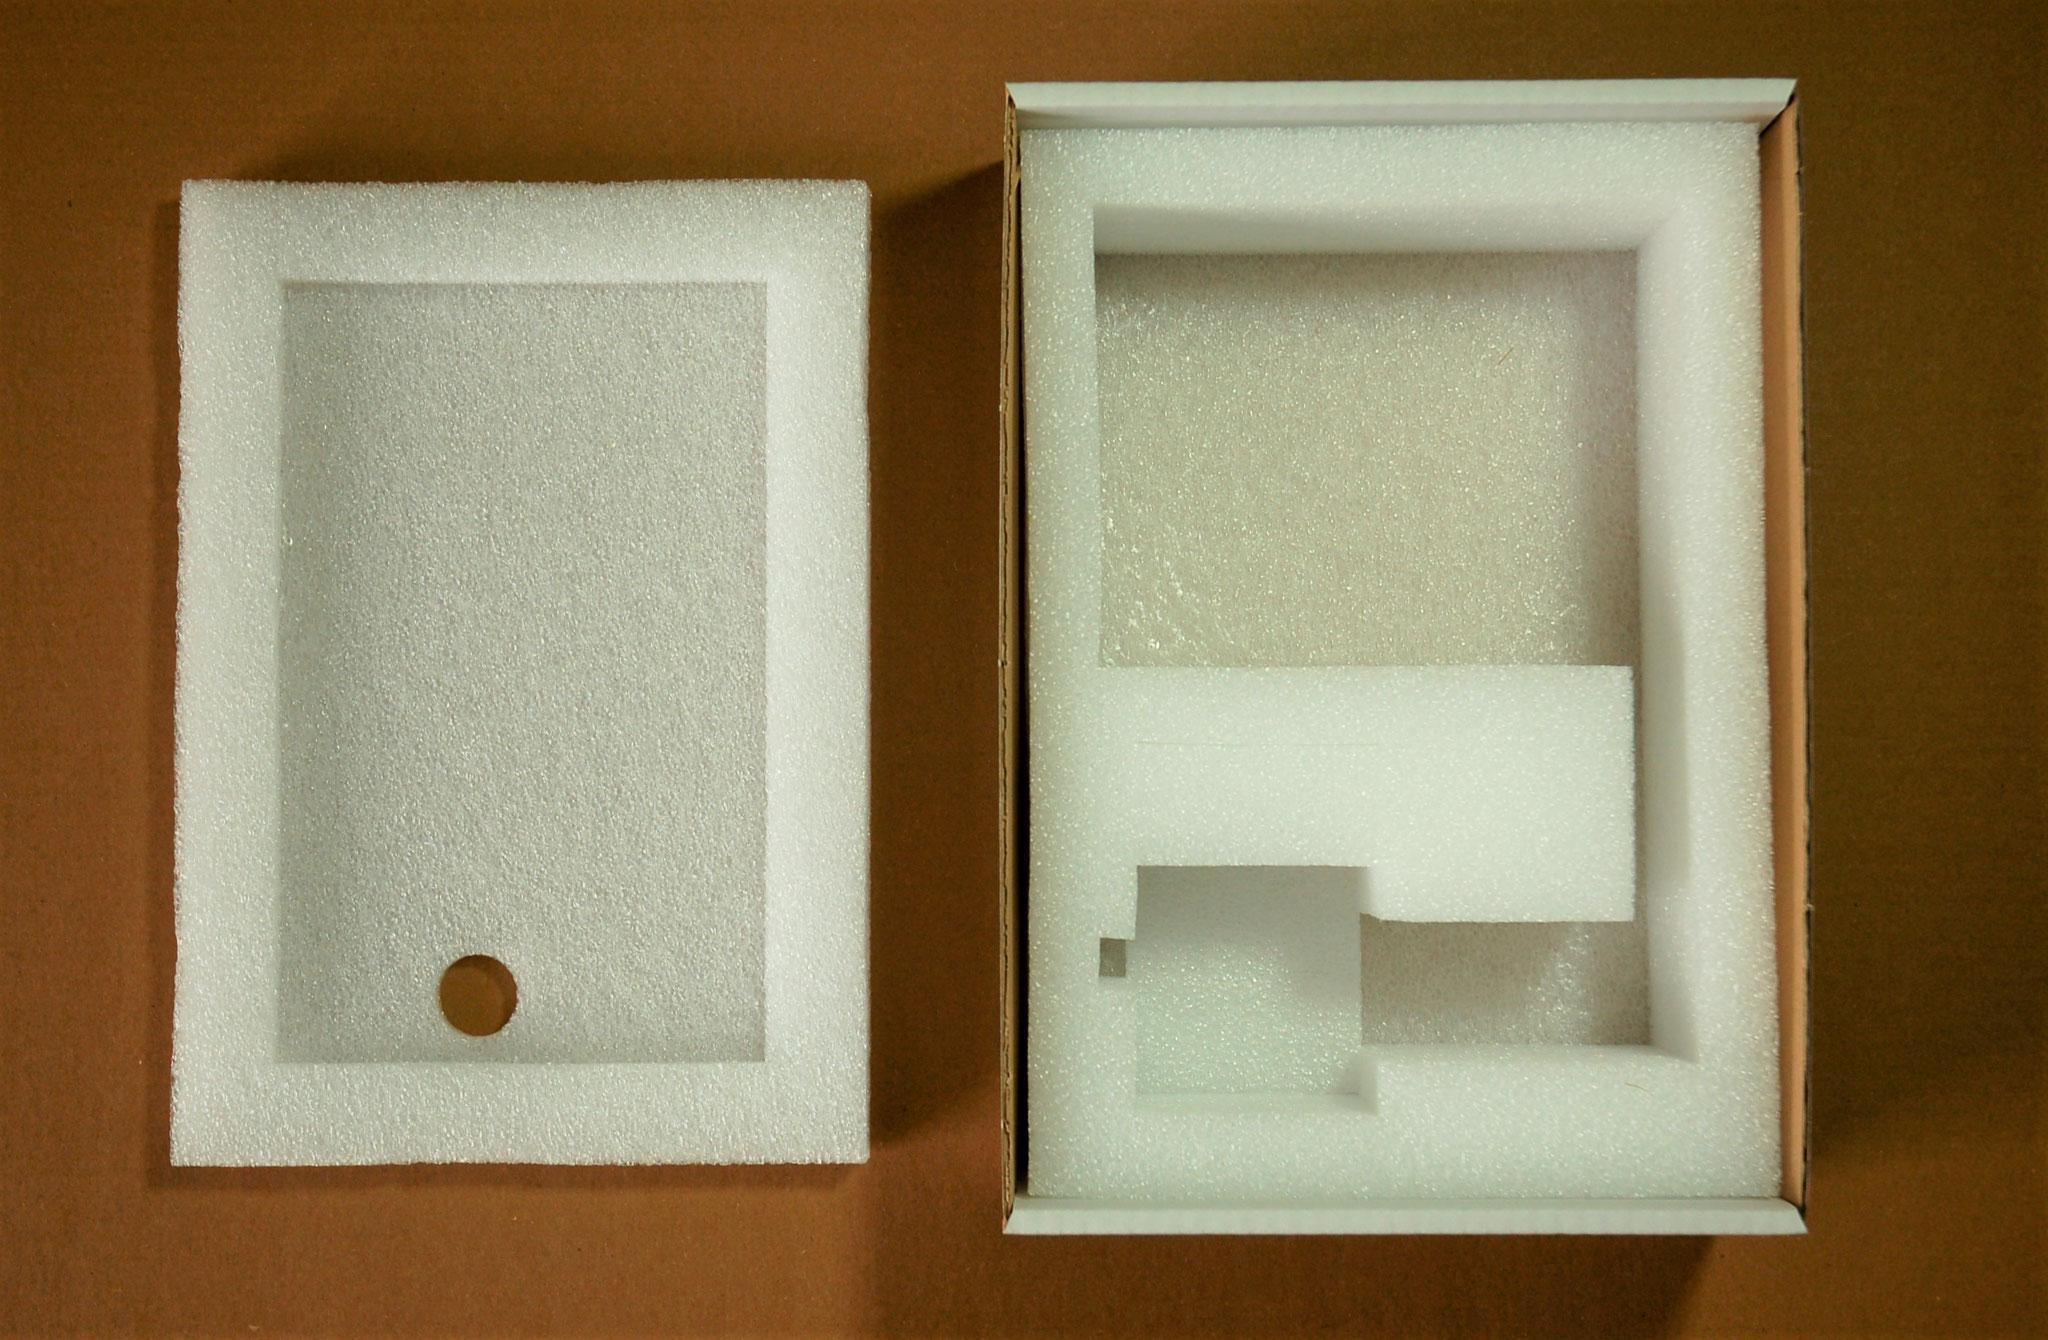 Verpackung für Baueinheit